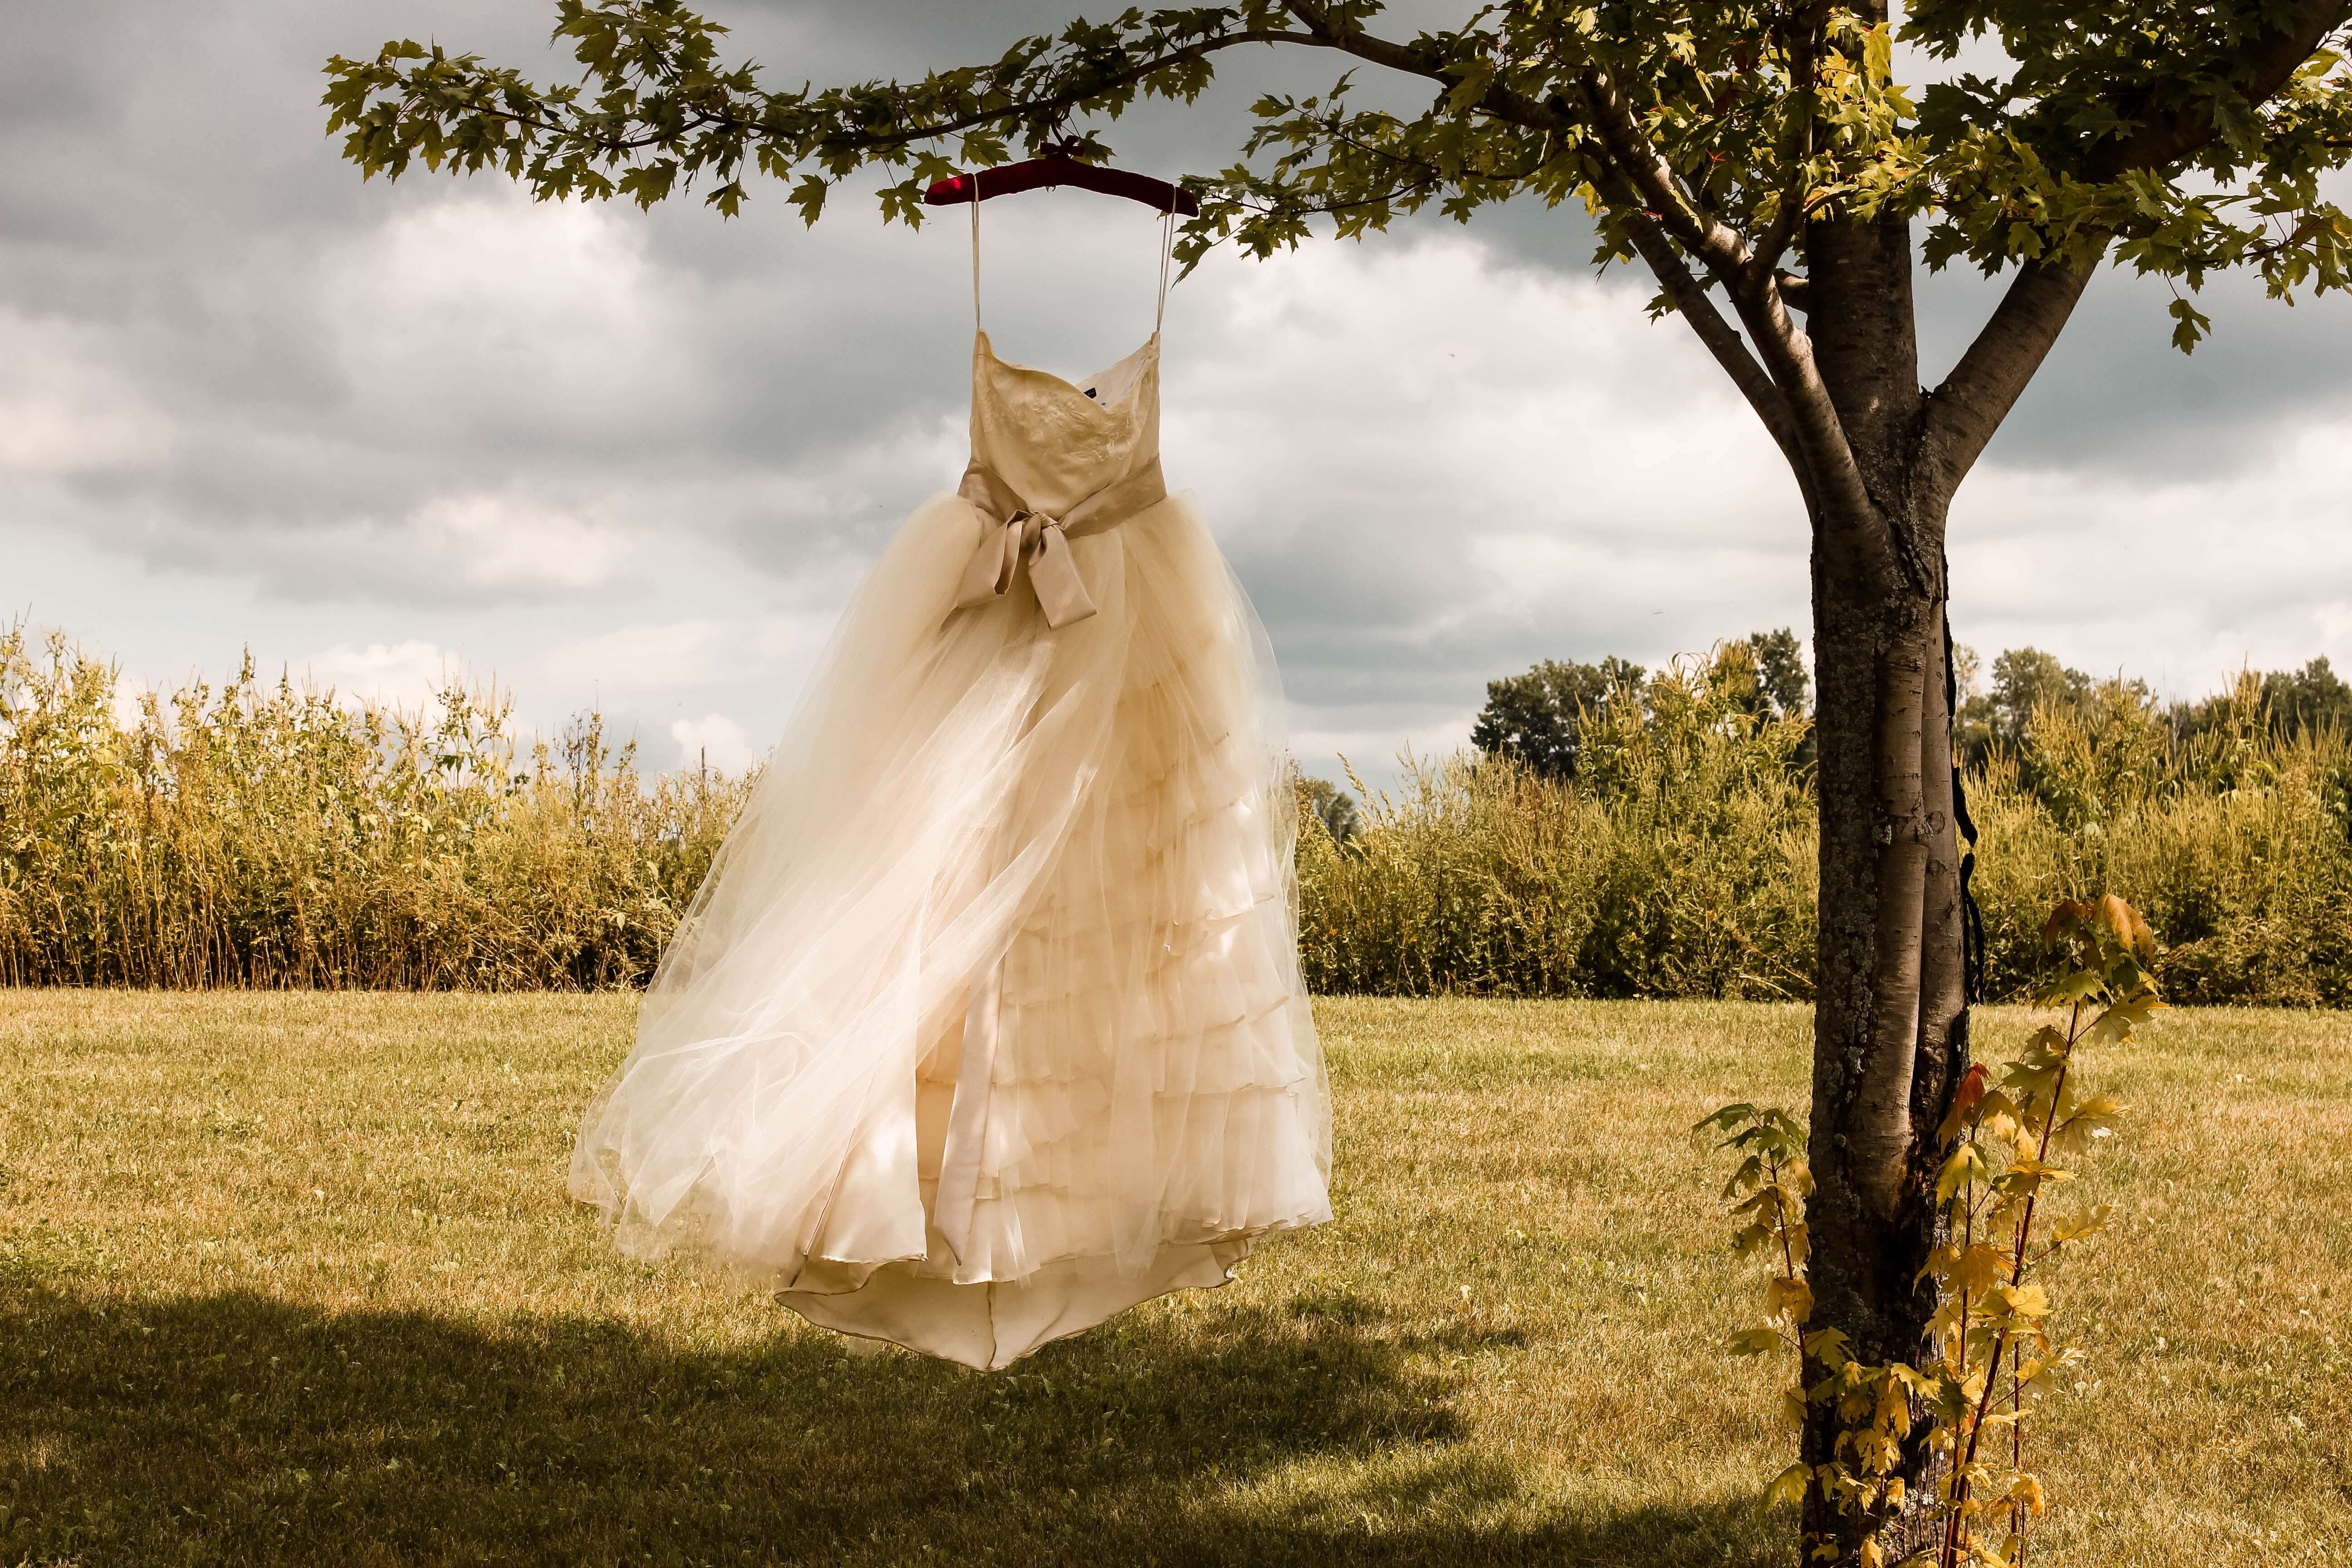 木の枝にかけられた白いワンピース